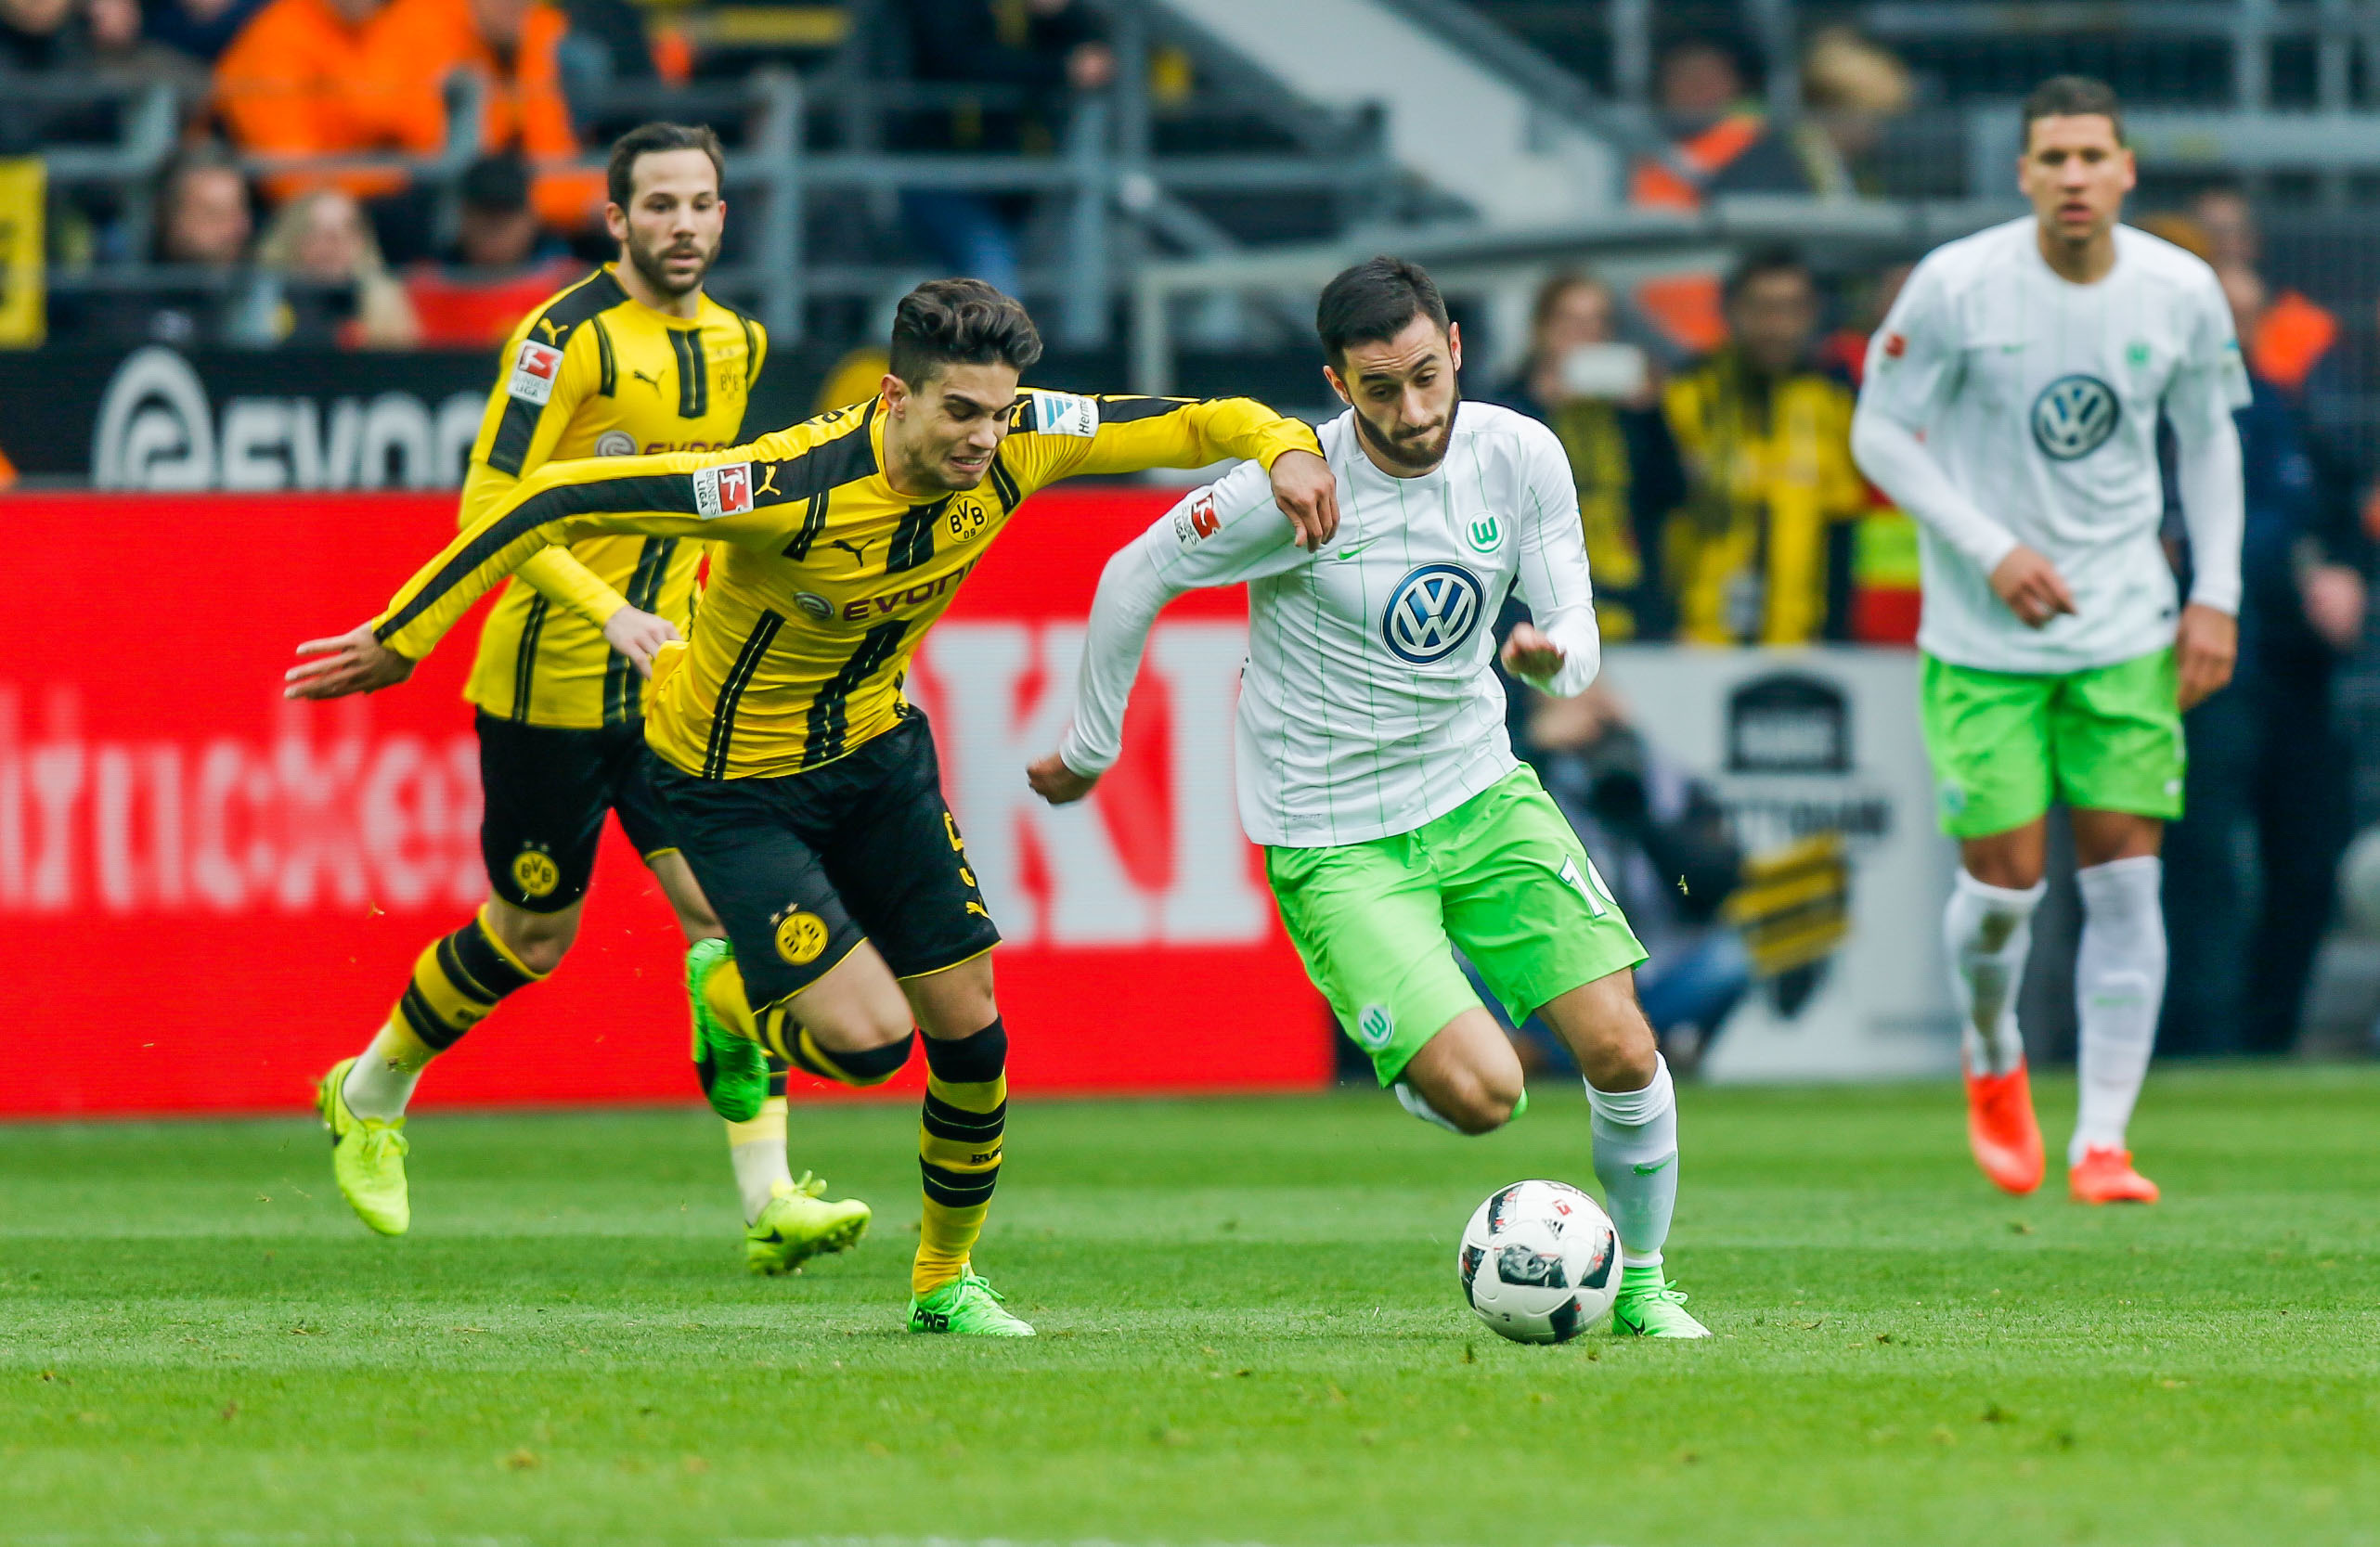 Vfl Wolfsburg Spielplan Heimspiele